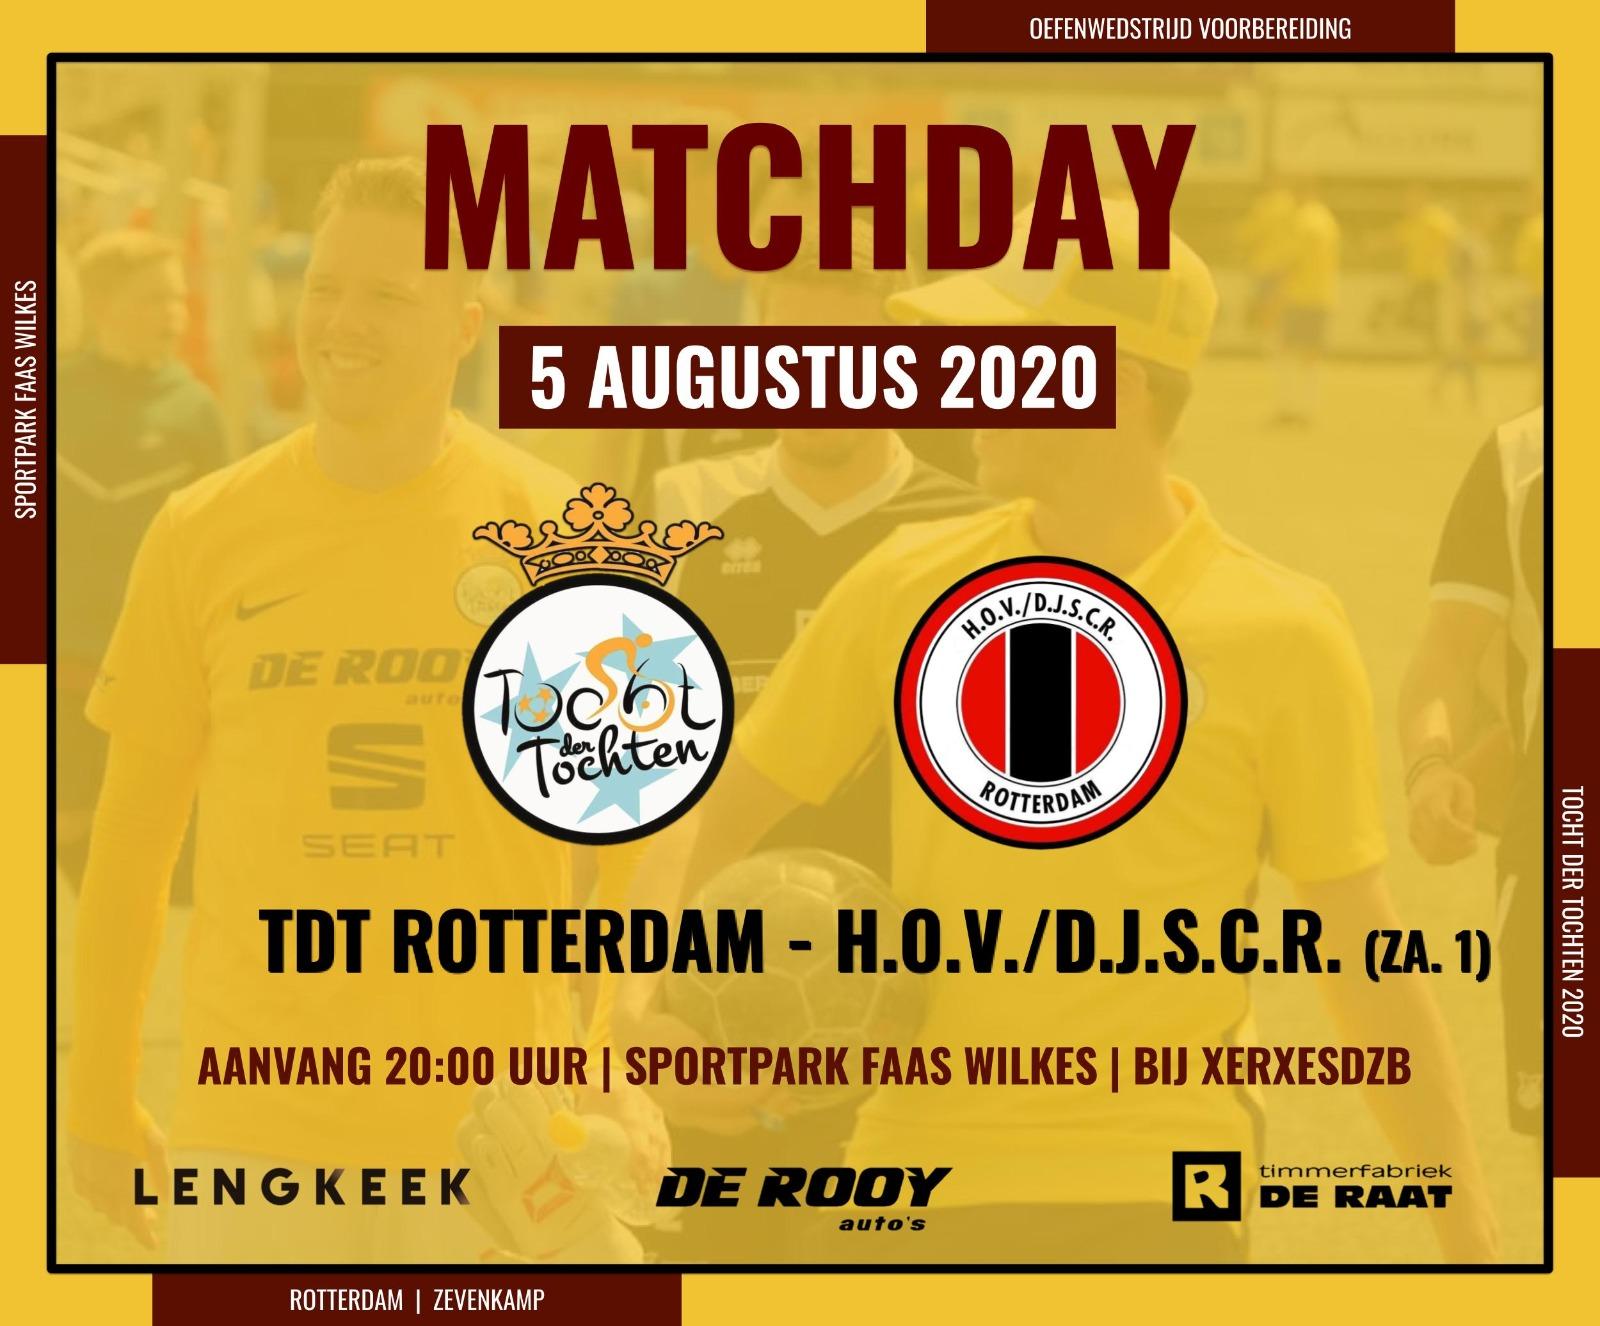 TDT Rotterdam speelt vanavond oefenwedstrijd tegen H.O.V.D.J.S.C.R bij XerxesDZB